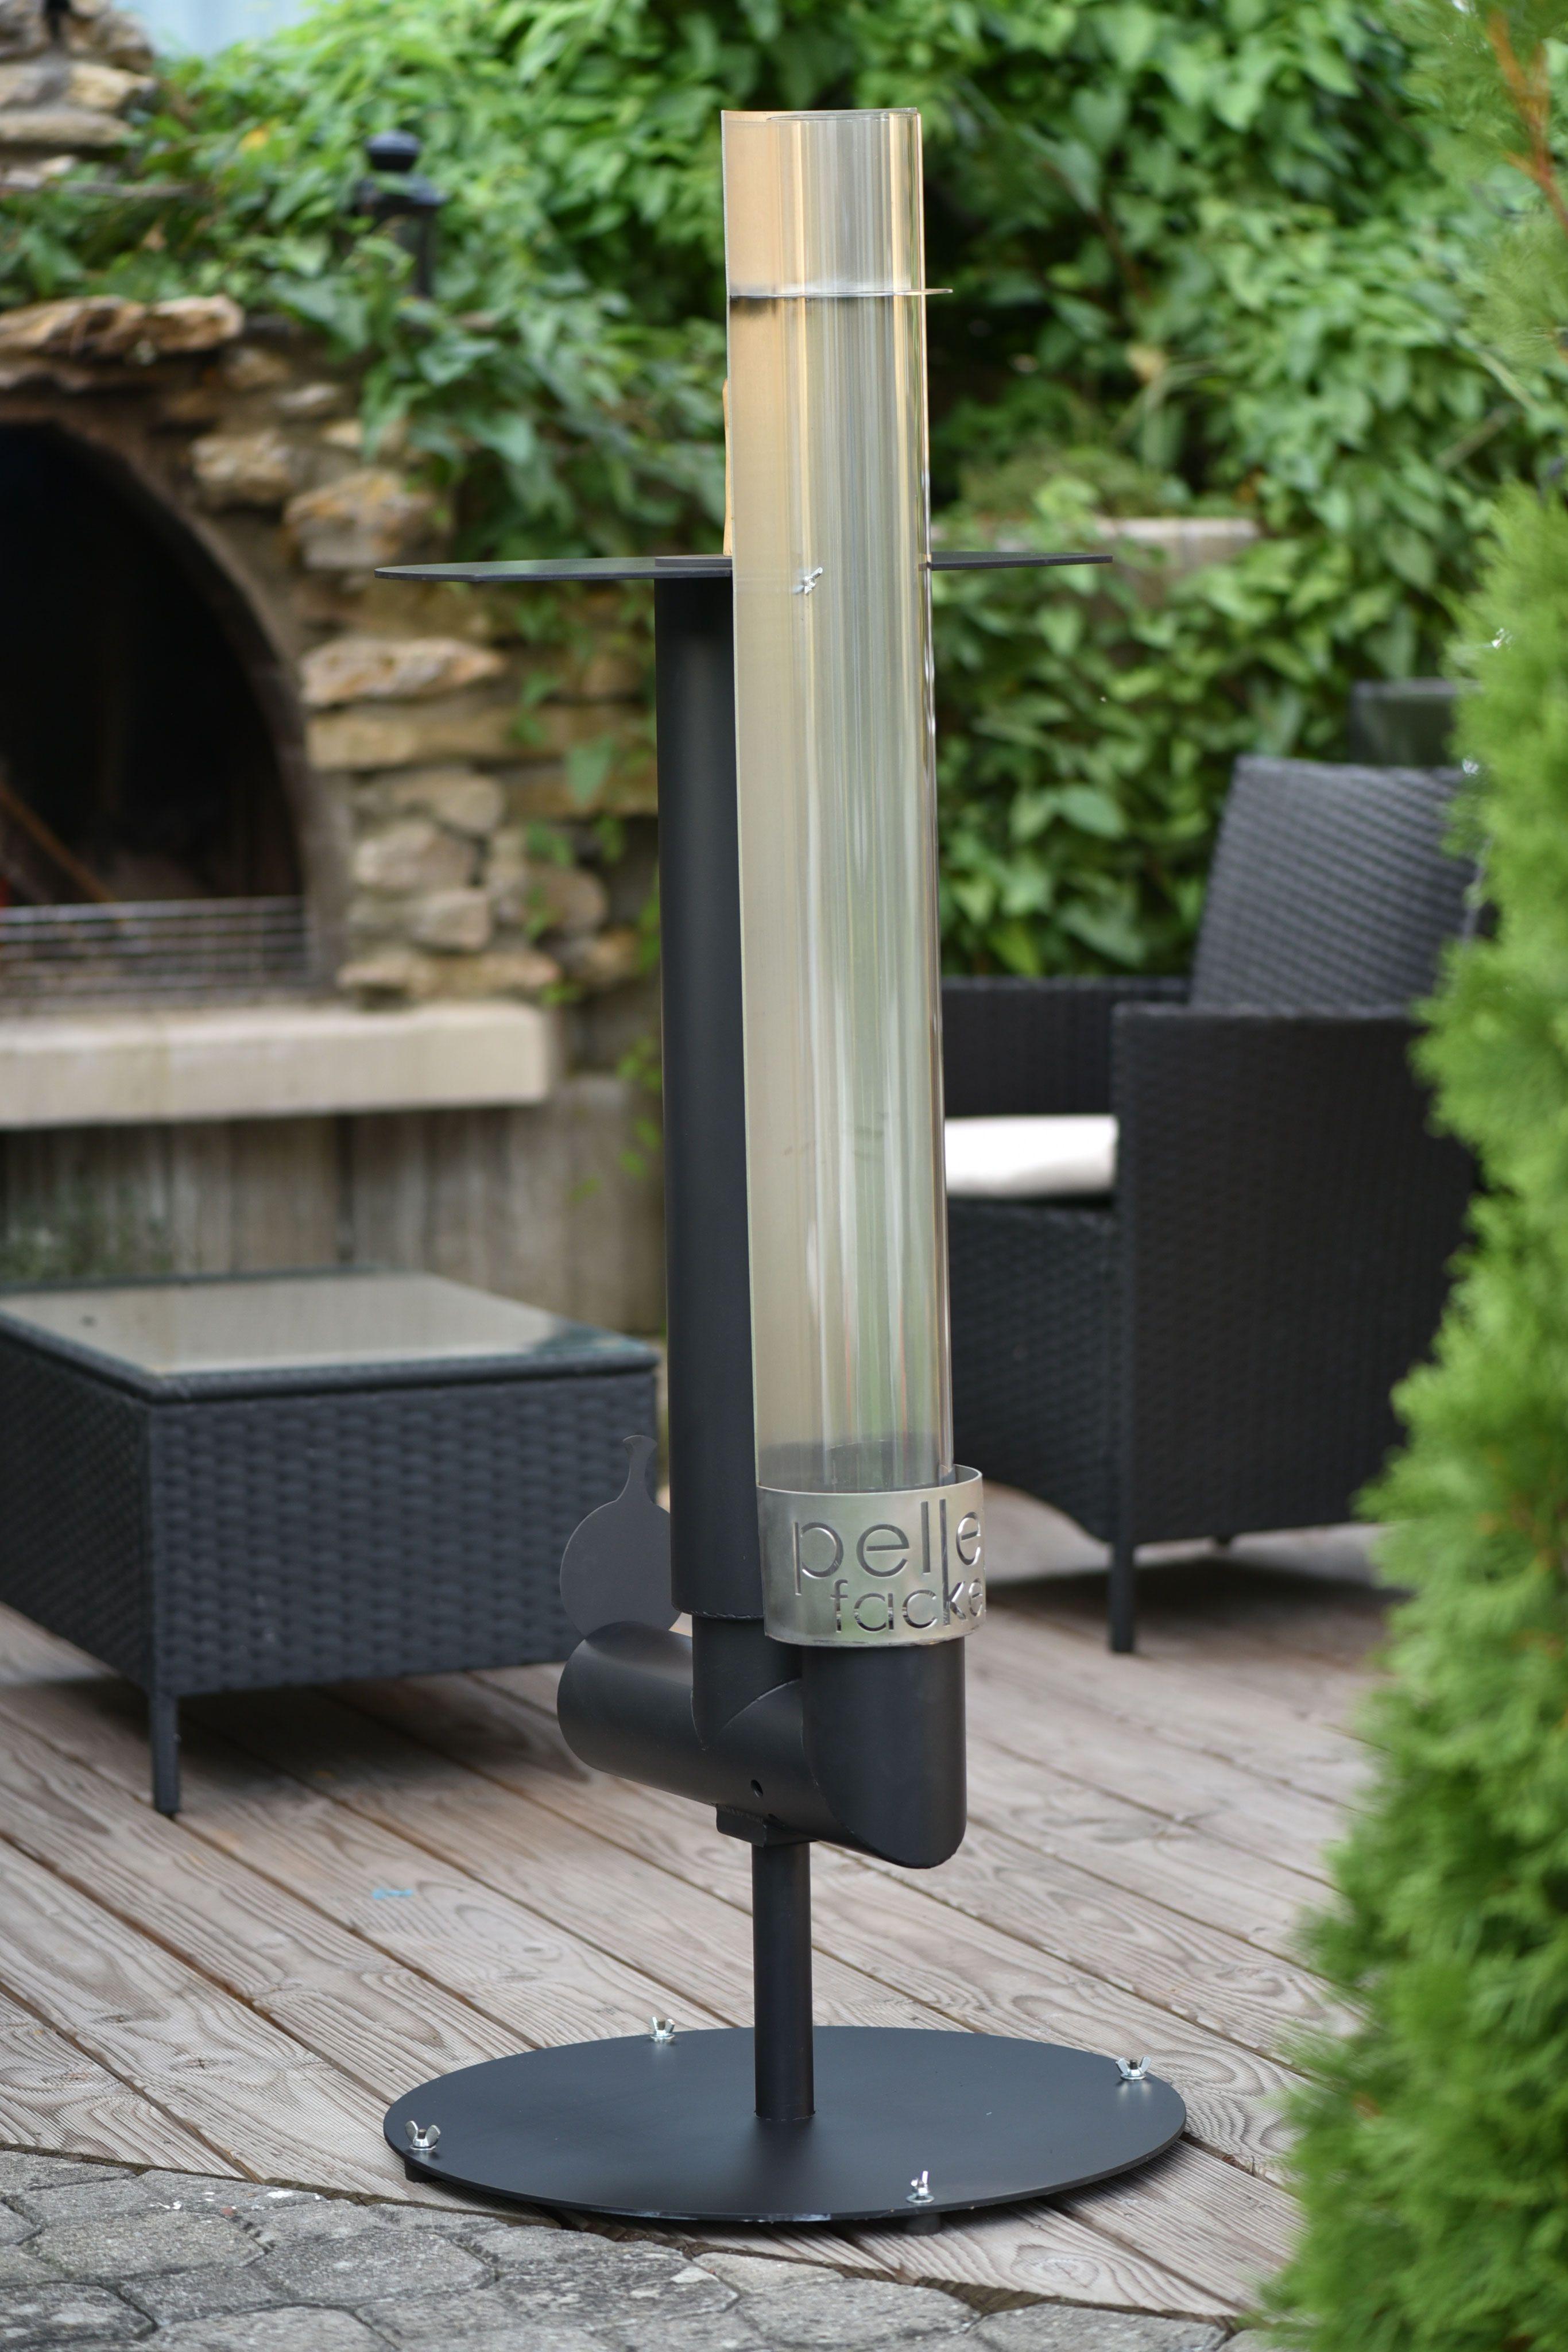 eine gartenfackel die eine angenehme warme und. Black Bedroom Furniture Sets. Home Design Ideas